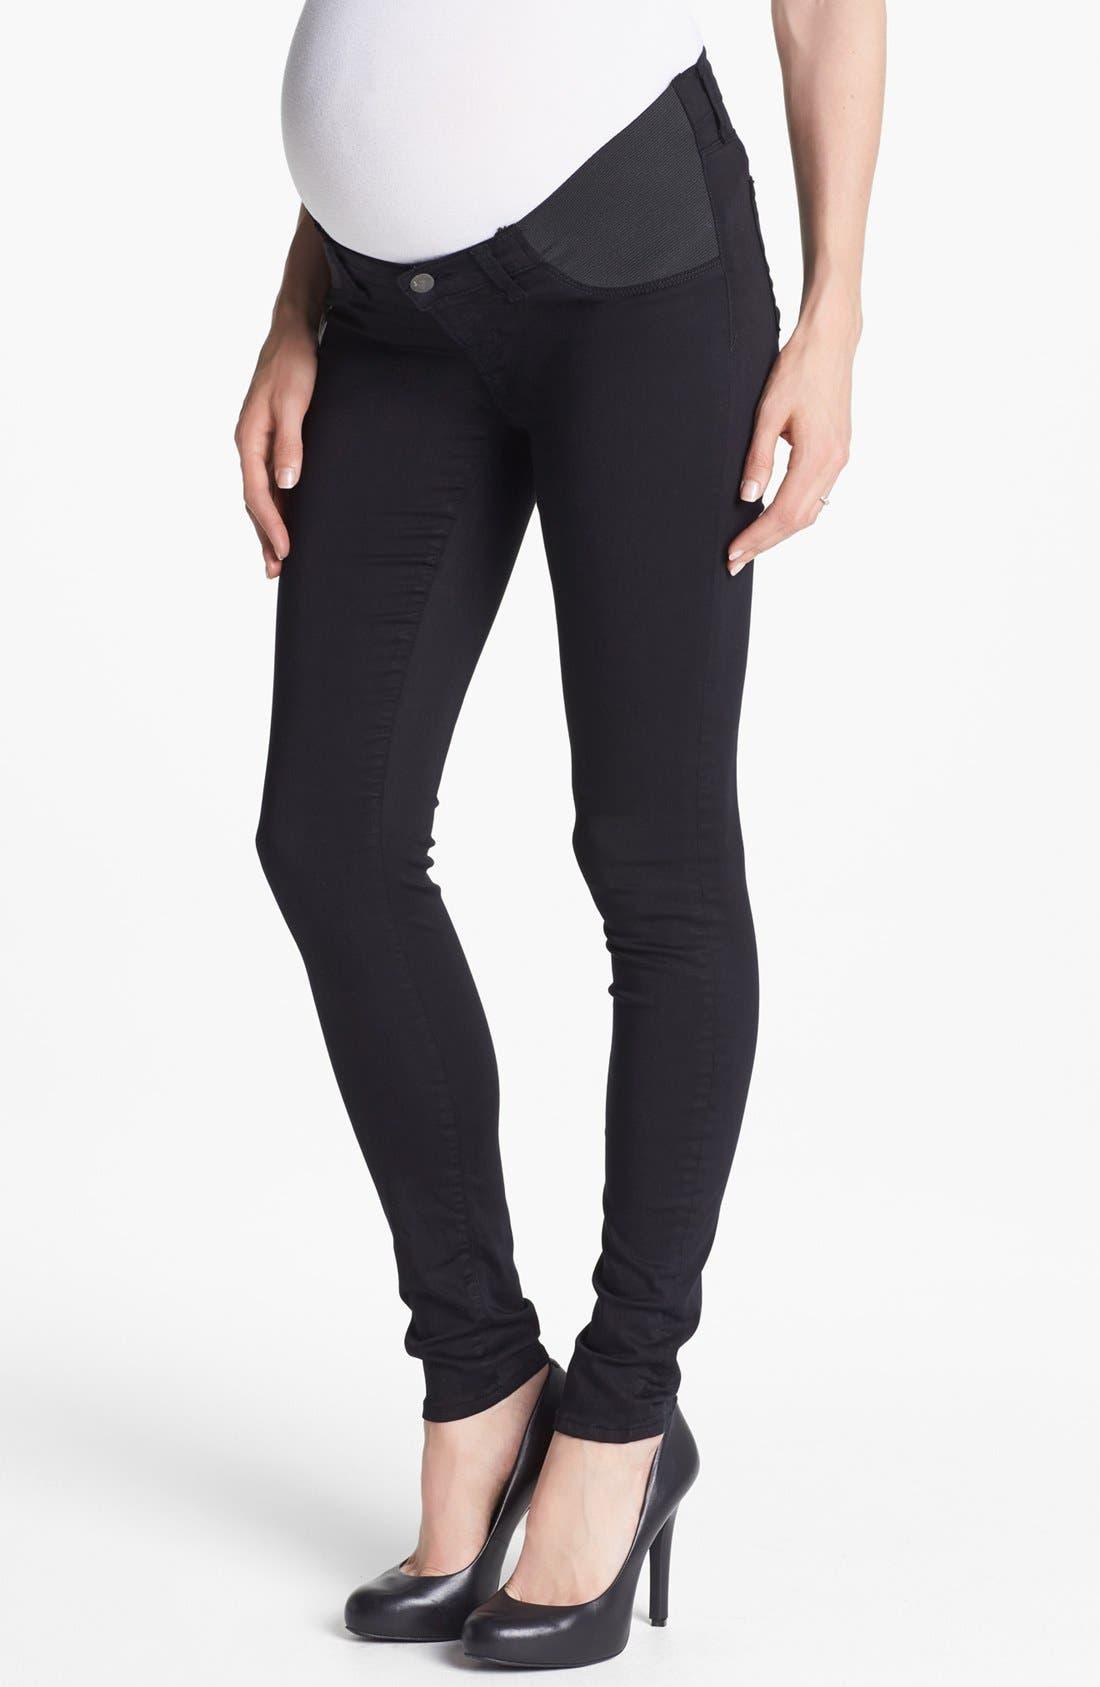 Alternate Image 1 Selected - J Brand '3402' Denim Maternity Leggings (Black)